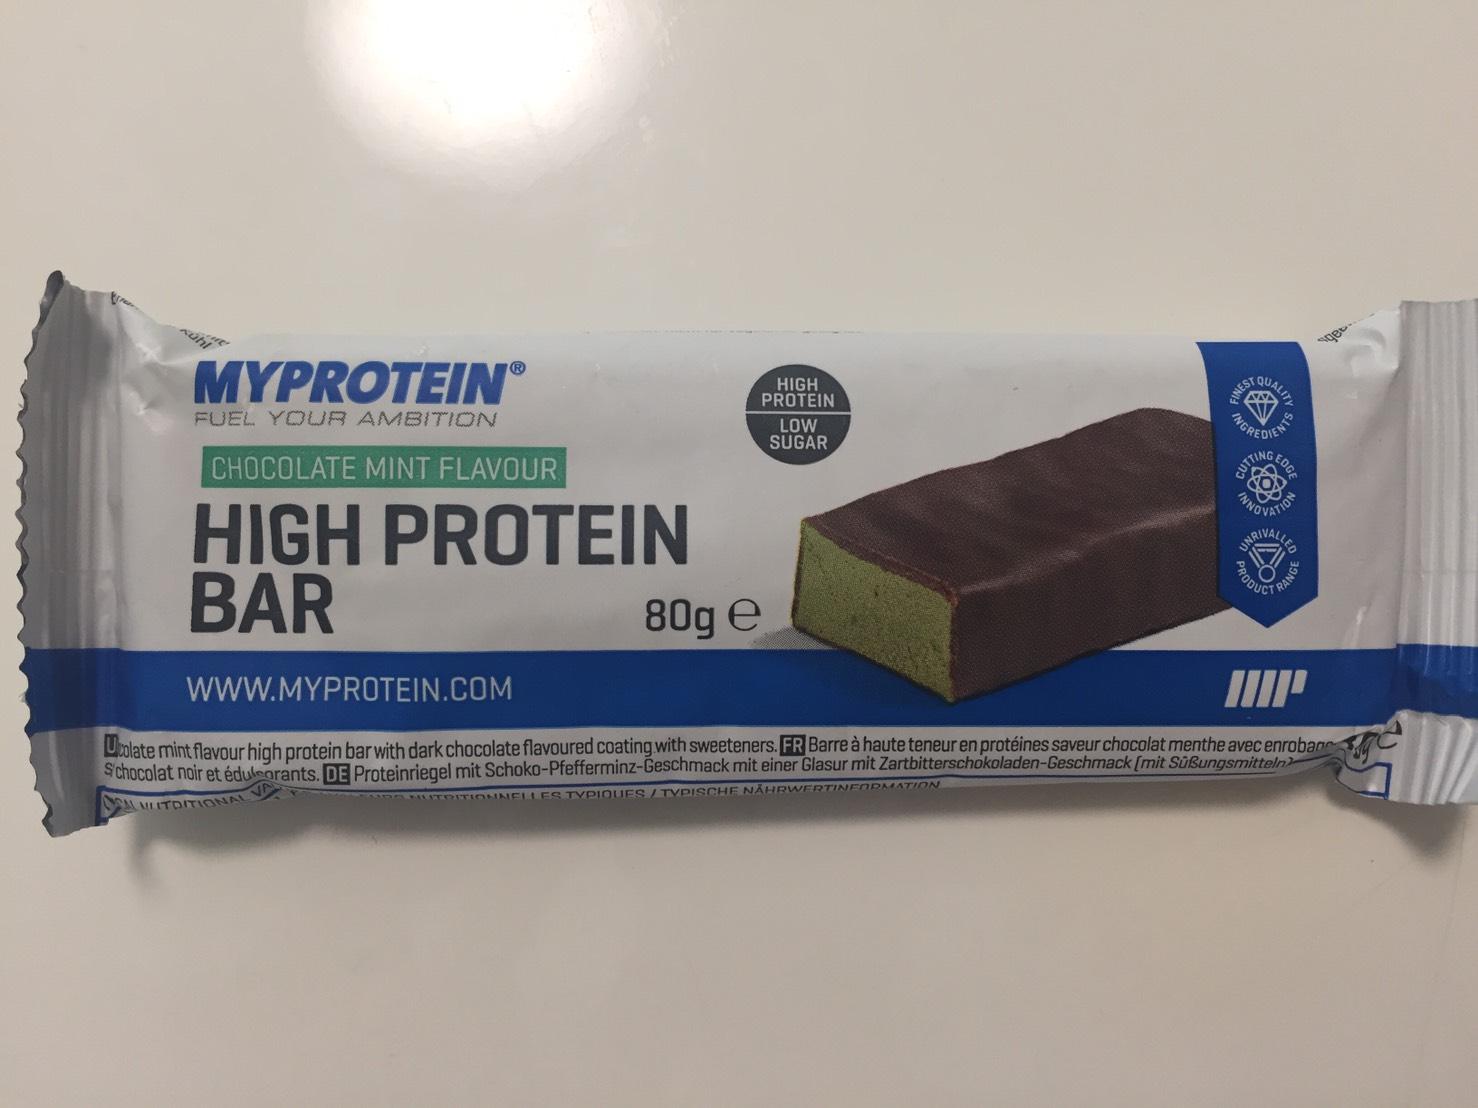 ハイプロテインバー(High Protein Bar)「CHOCOLATE MINT FLAVOUR(チョコミント味)」の成分表